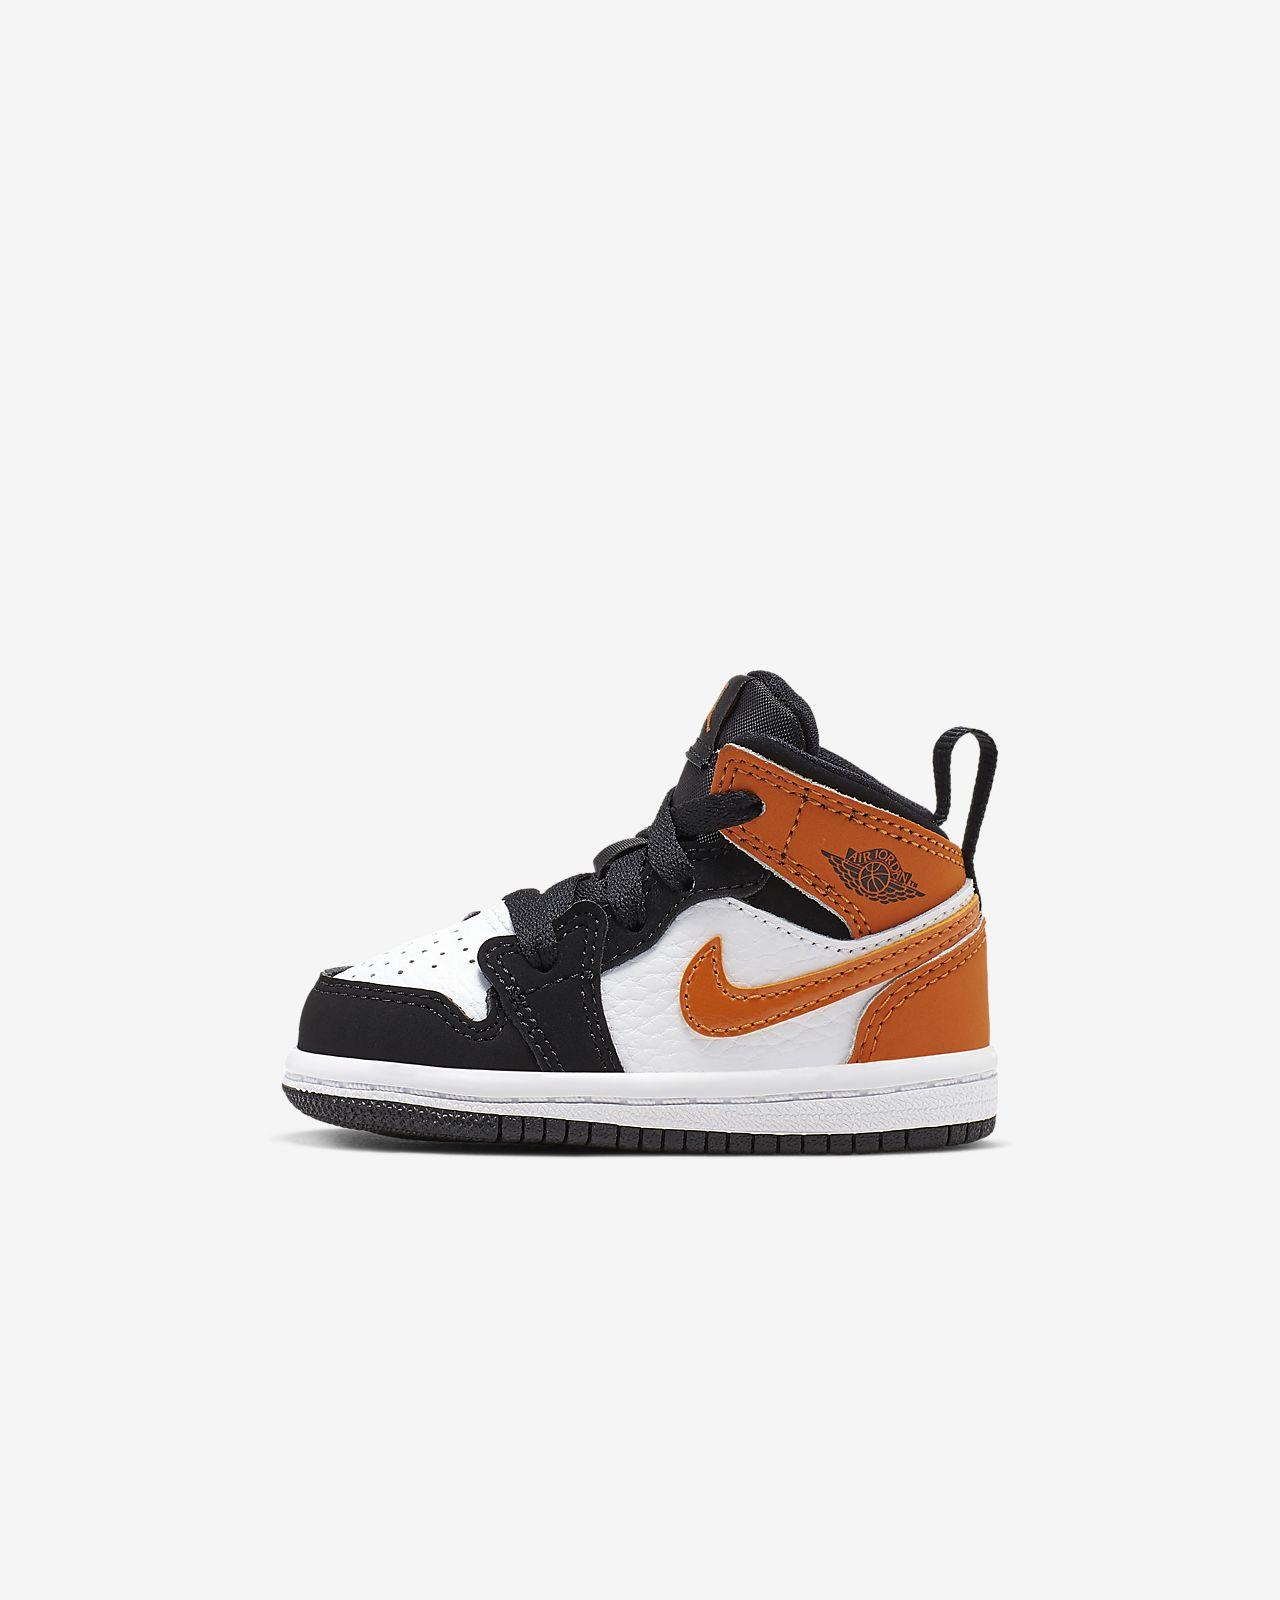 Jordan 1 Calzado. Nike MX